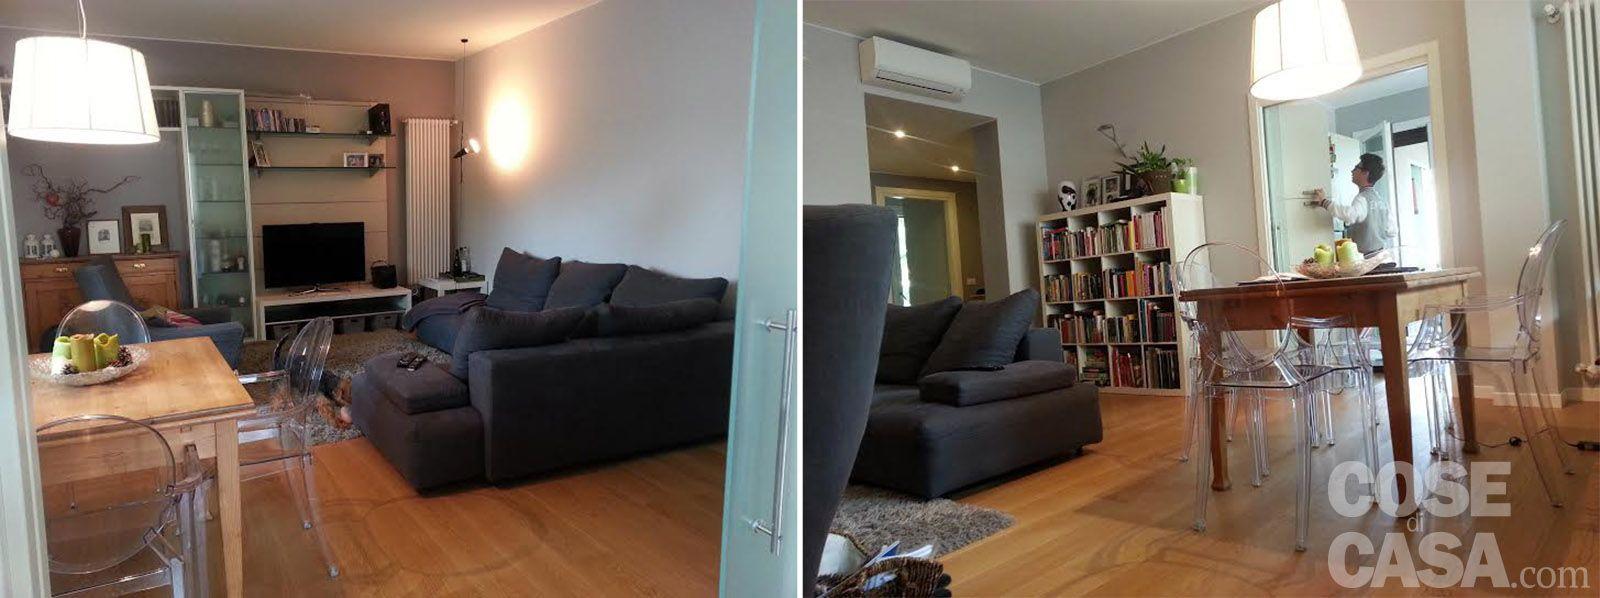 Una casa attualissima, rinnovata contenendo i costi Case